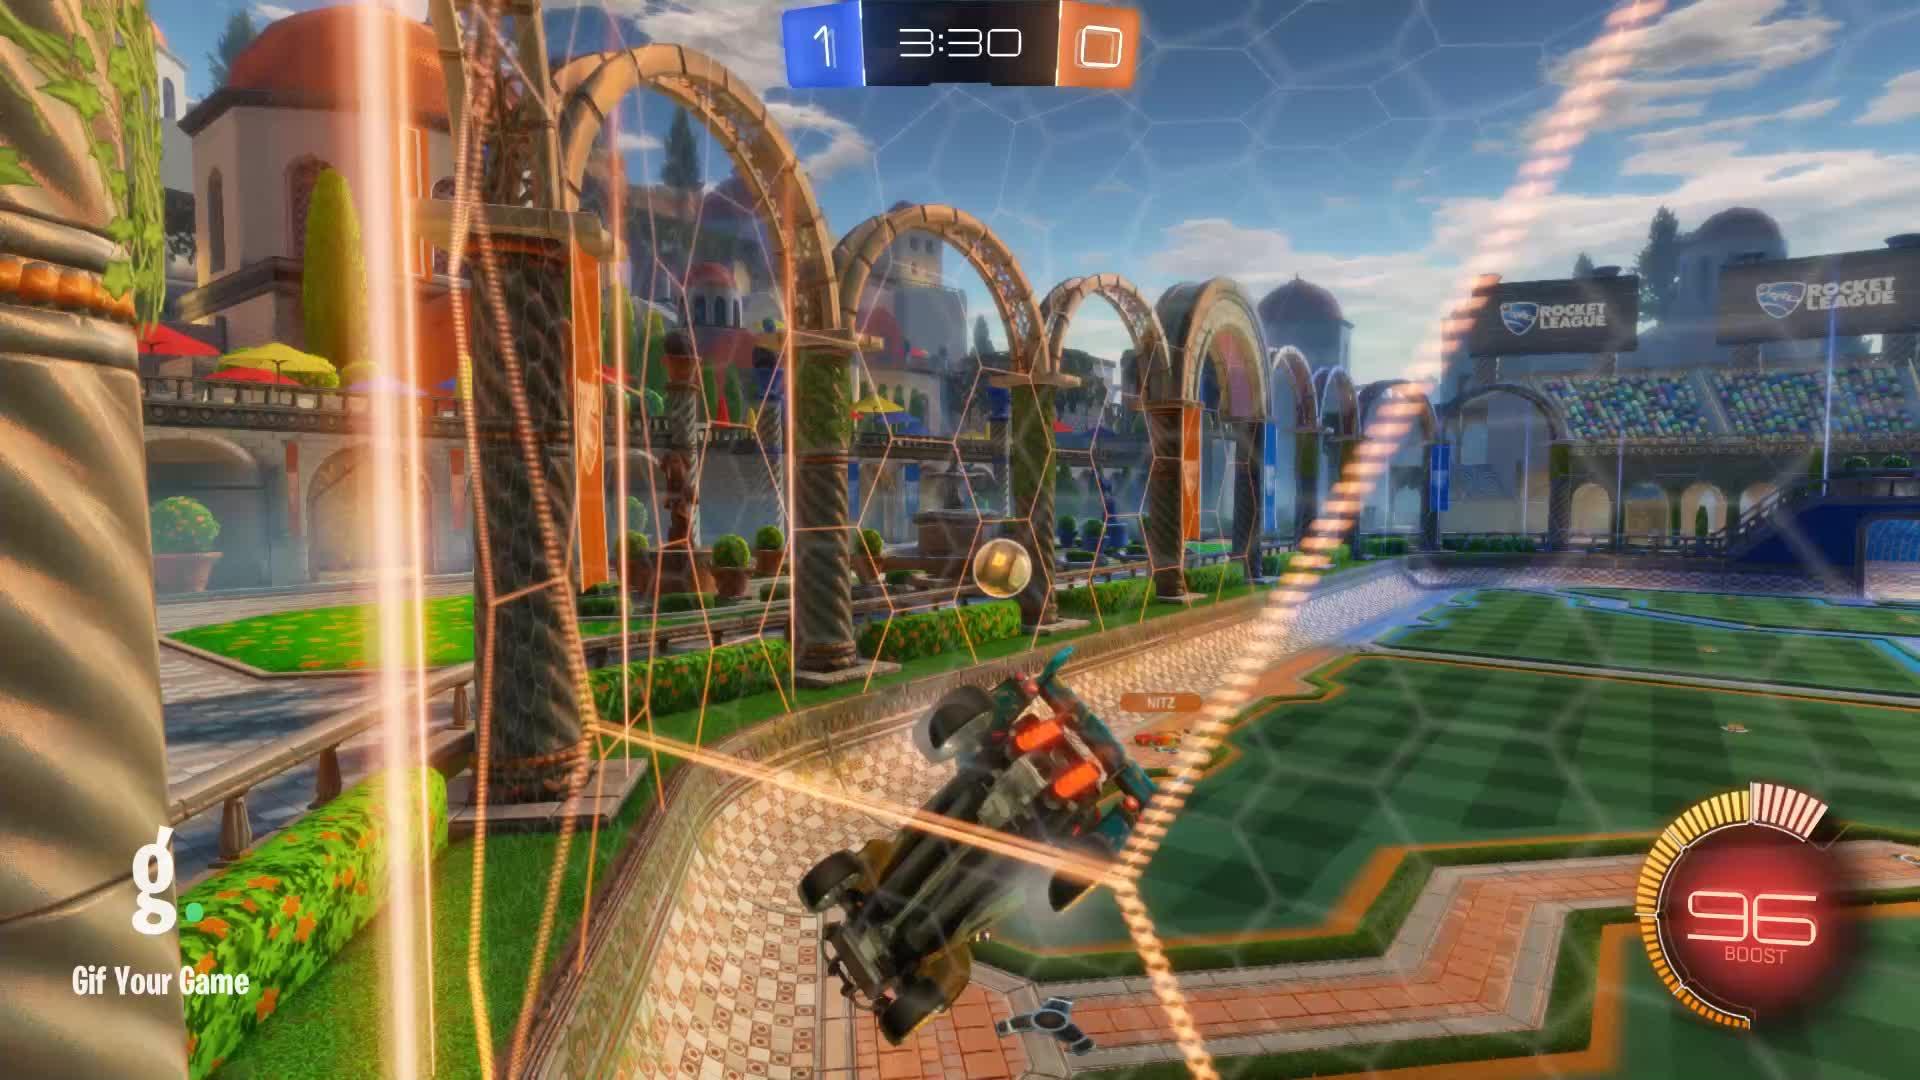 Gif Your Game, GifYourGame, Rocket League, RocketLeague, datboi, Demo 1: datboi GIFs